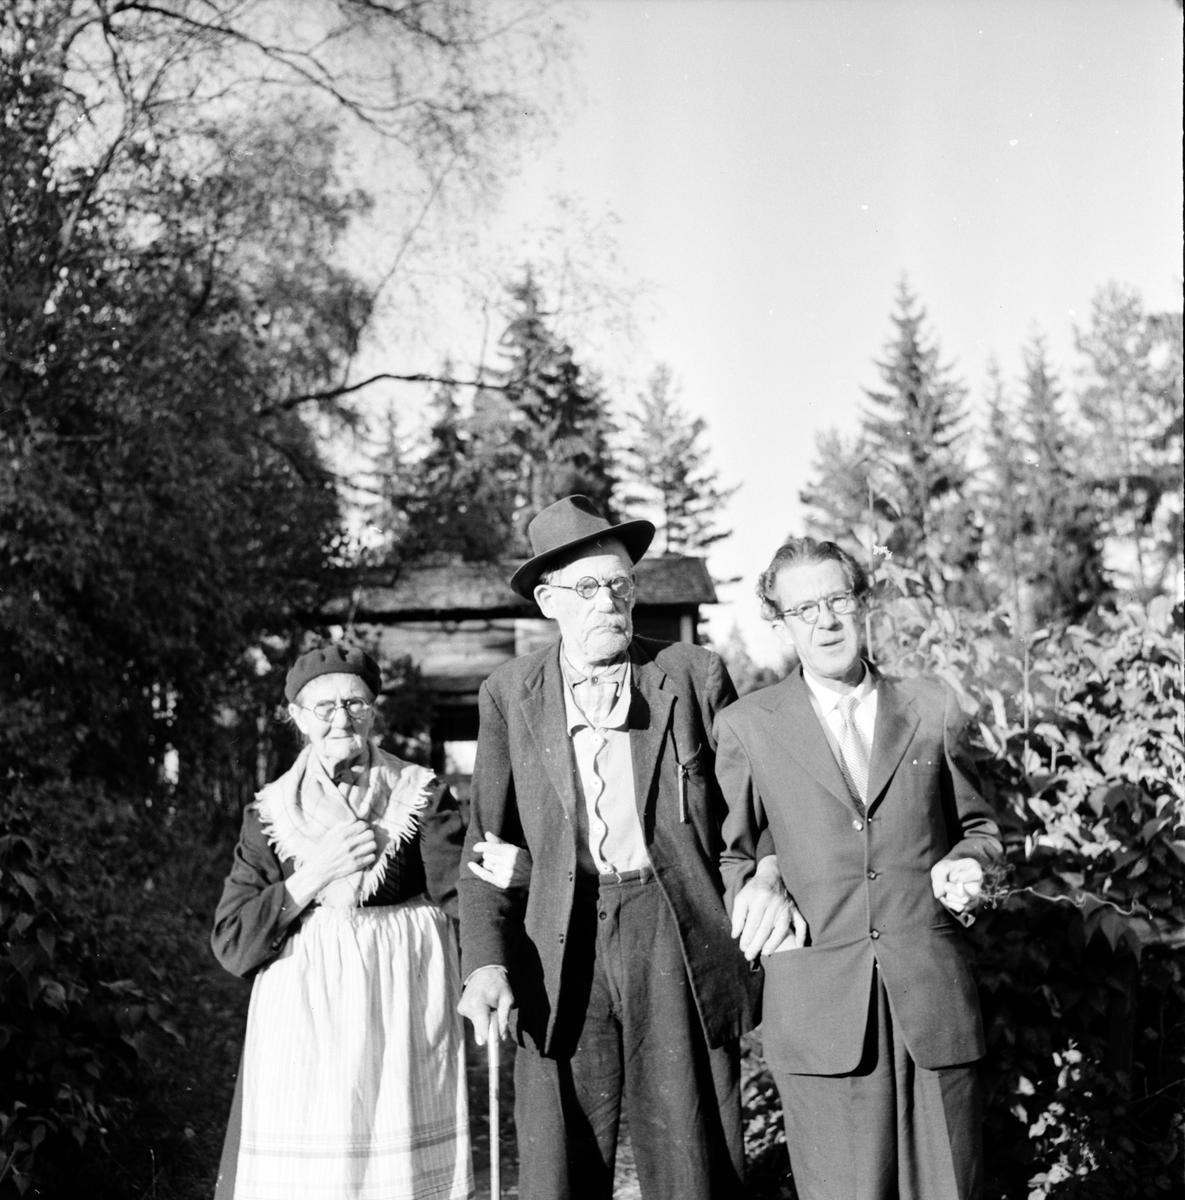 Svensson Olle, Gustafsfors,Hå, Med föräldrar och syskon, 1955